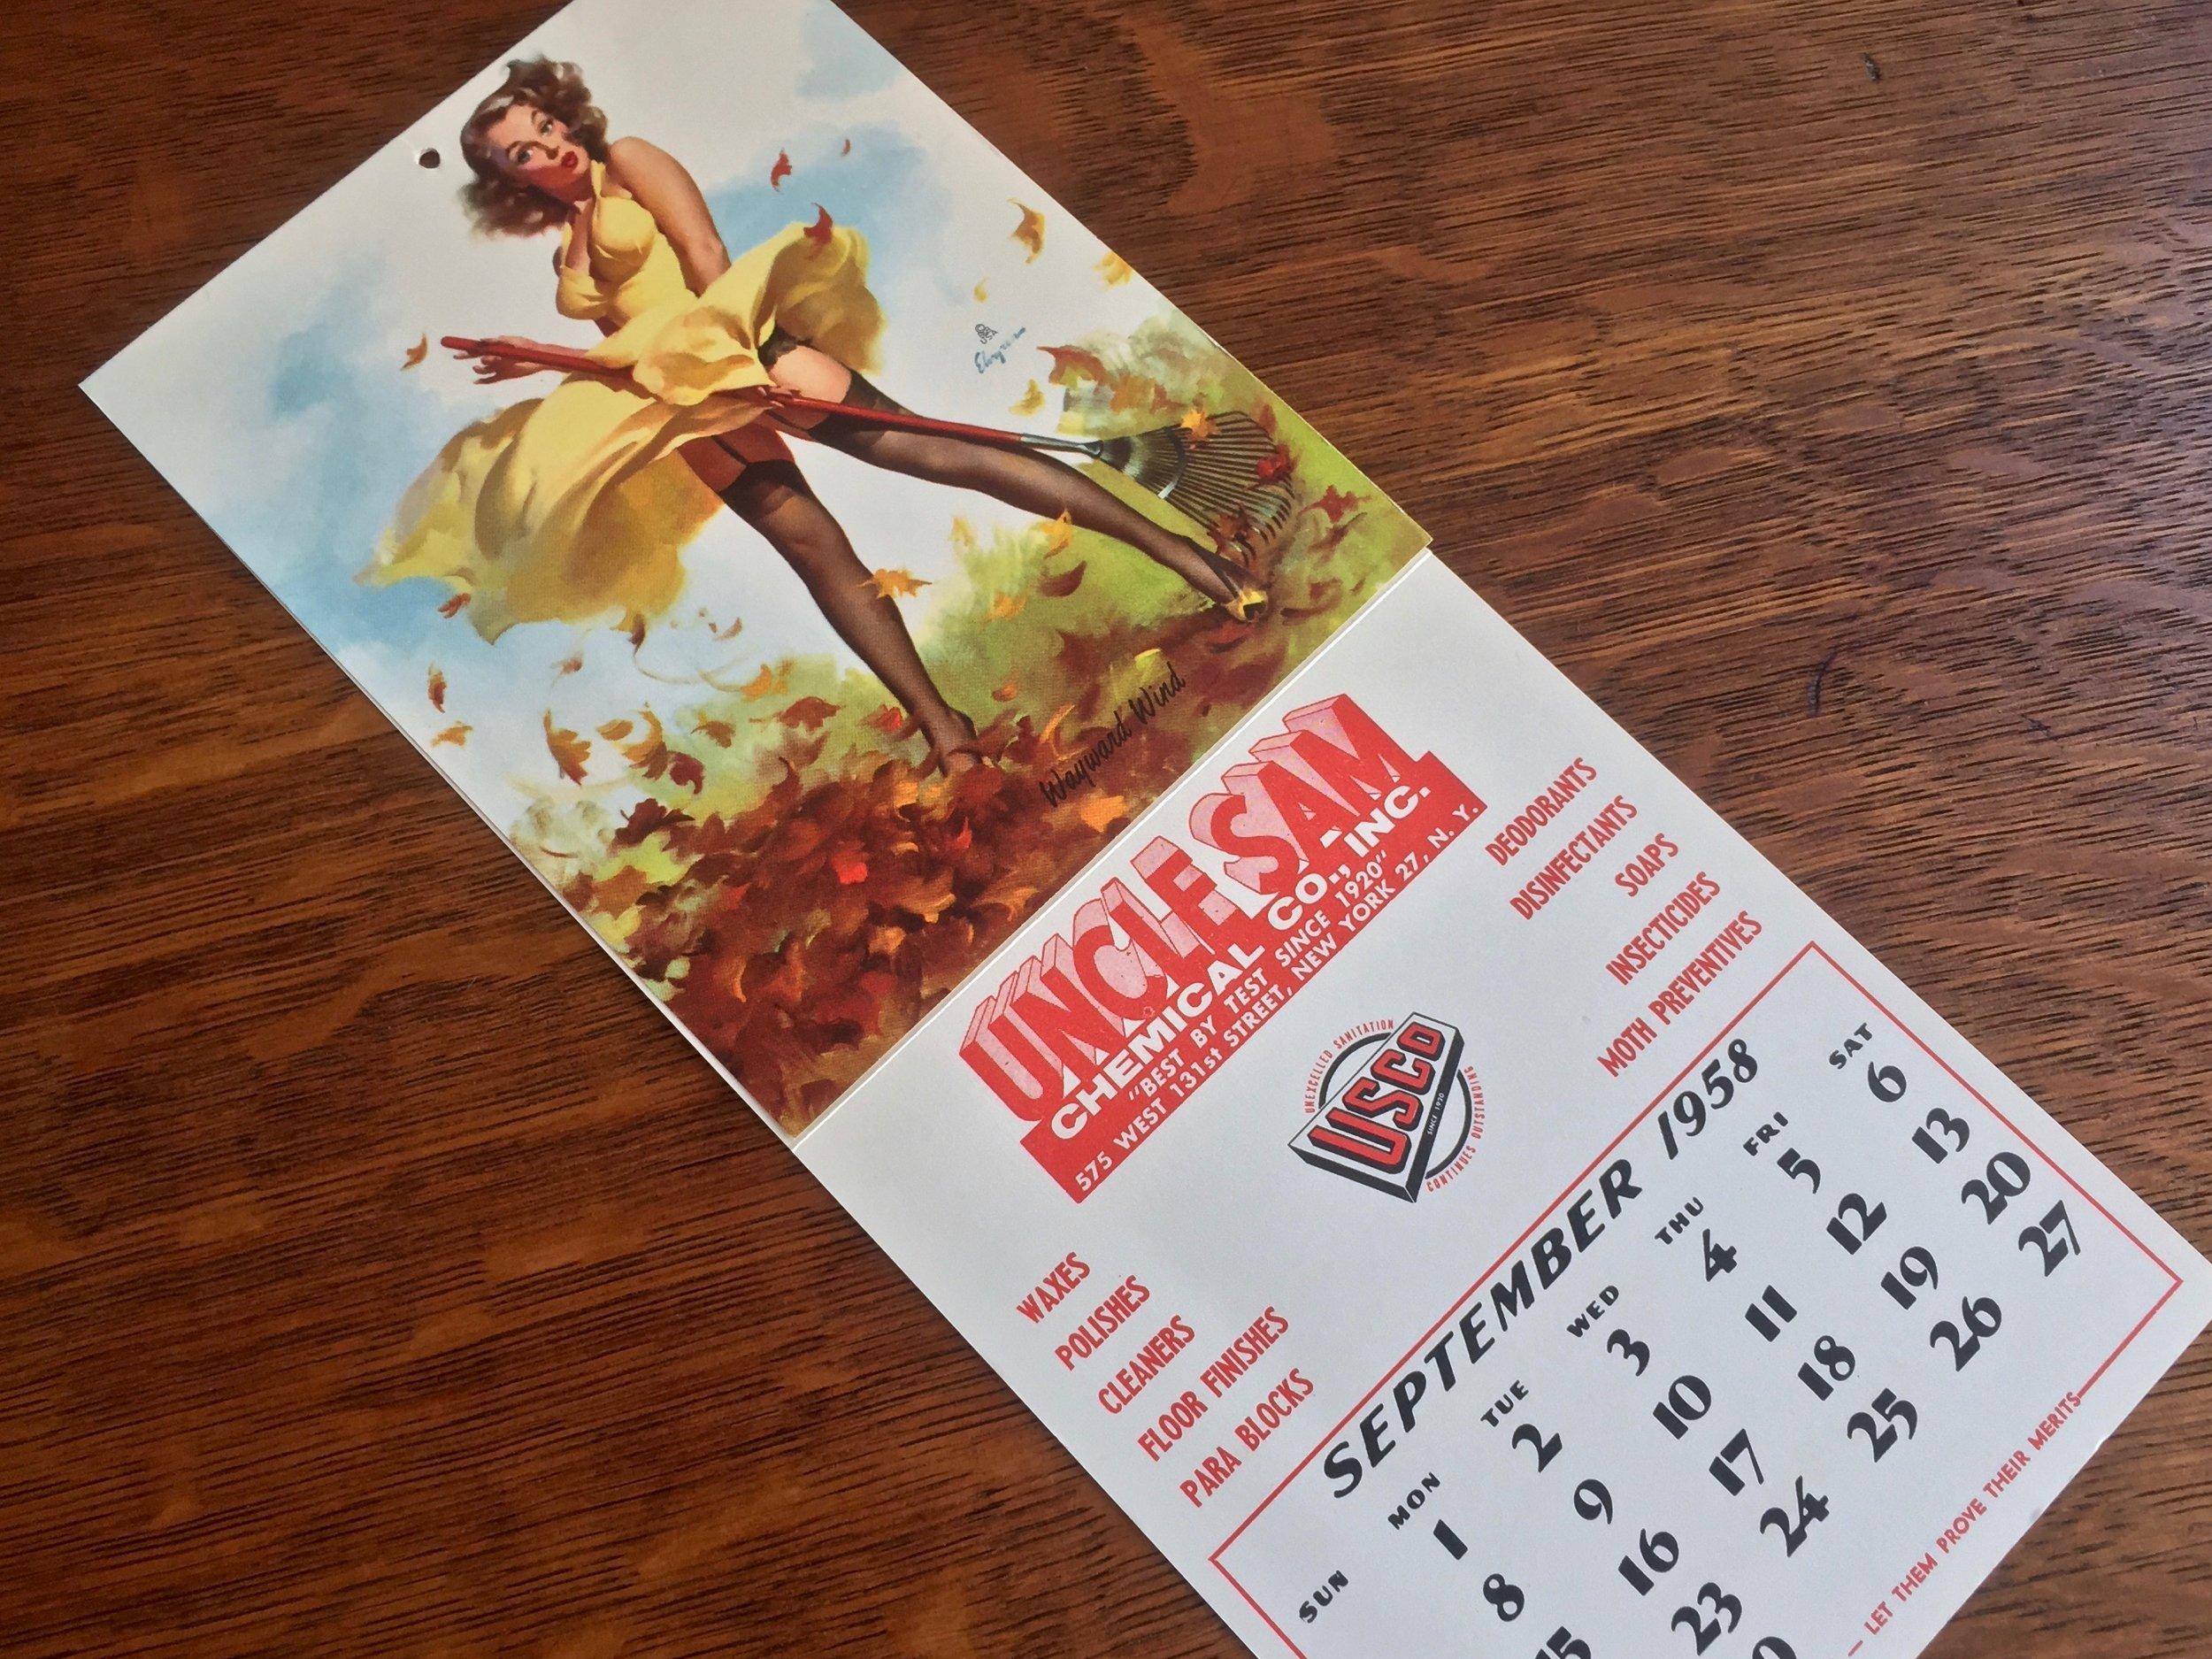 Pin Up Girl Calendar 1958